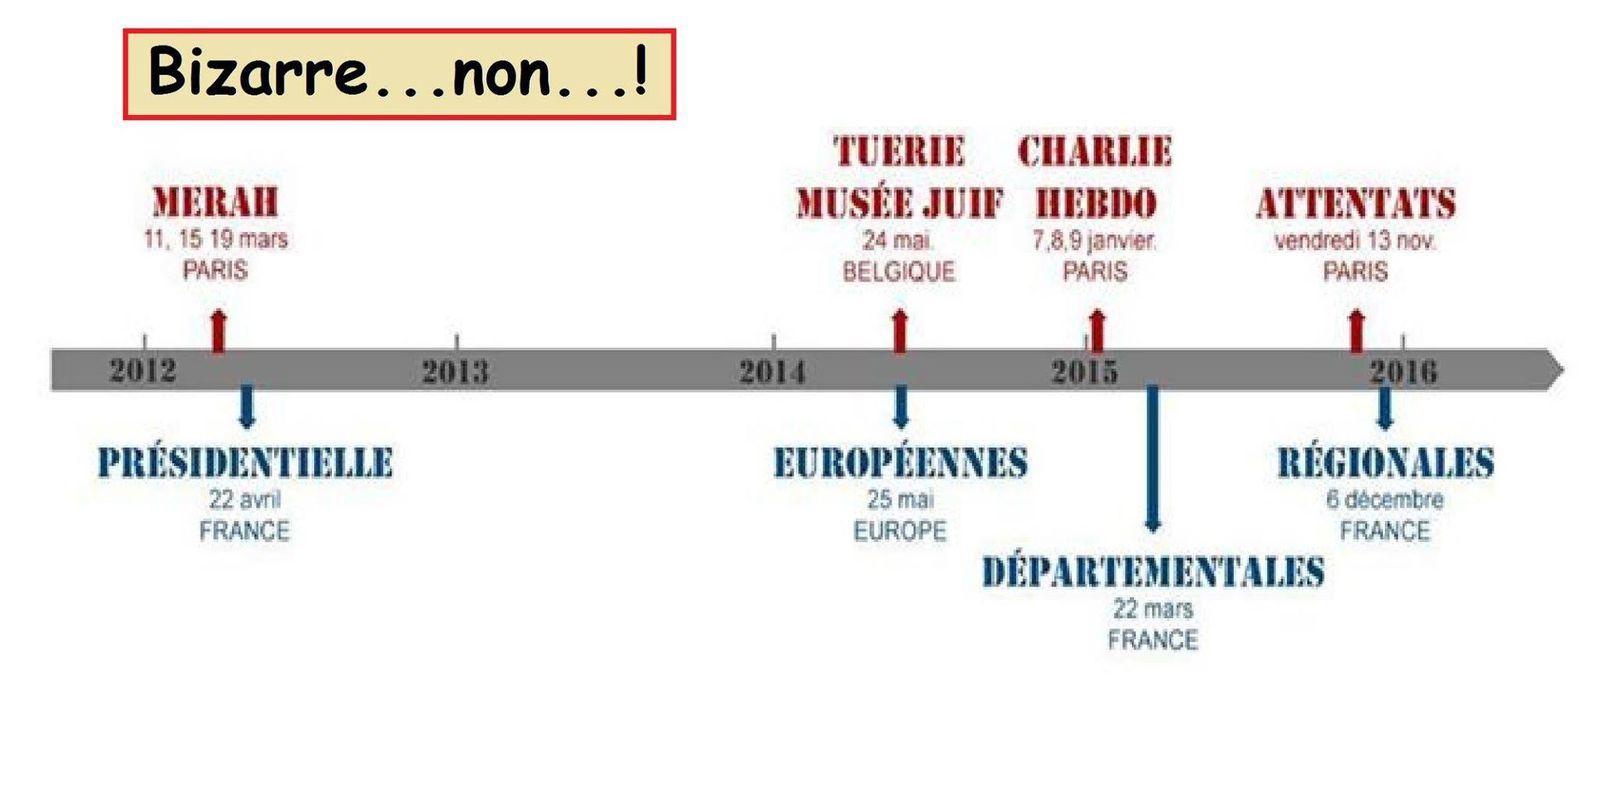 Attentats de Paris : Les preuves du false-flag